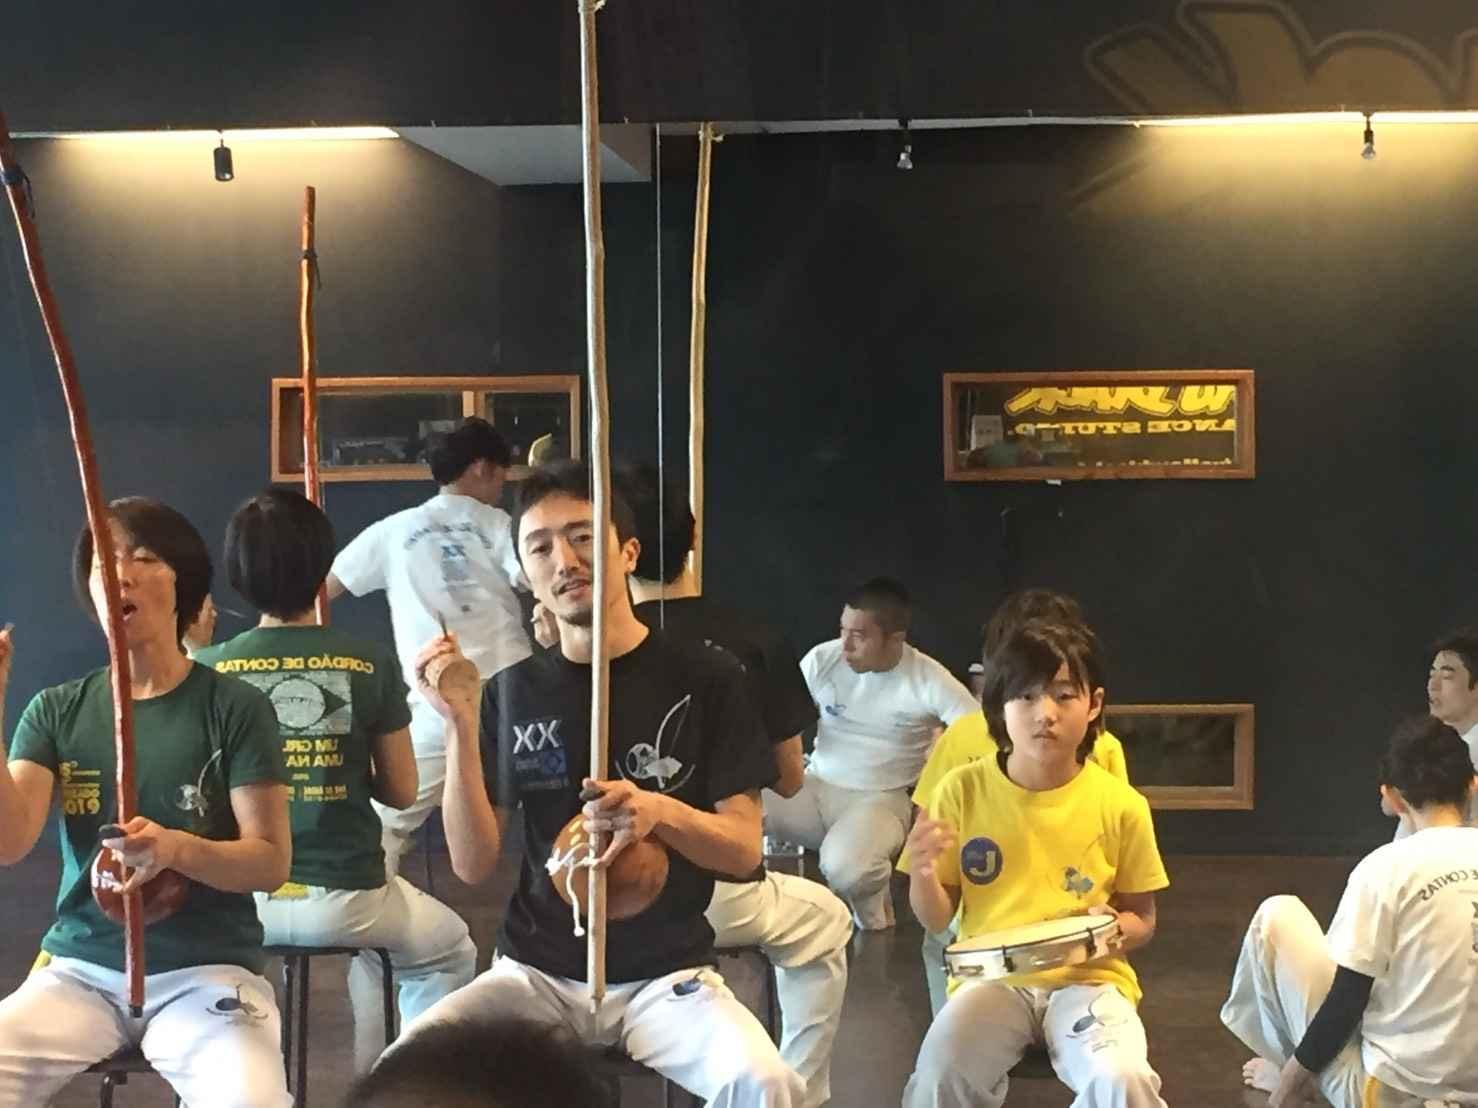 ACCC.SHONAN/カポエイラ湘南 大和キッズクラス